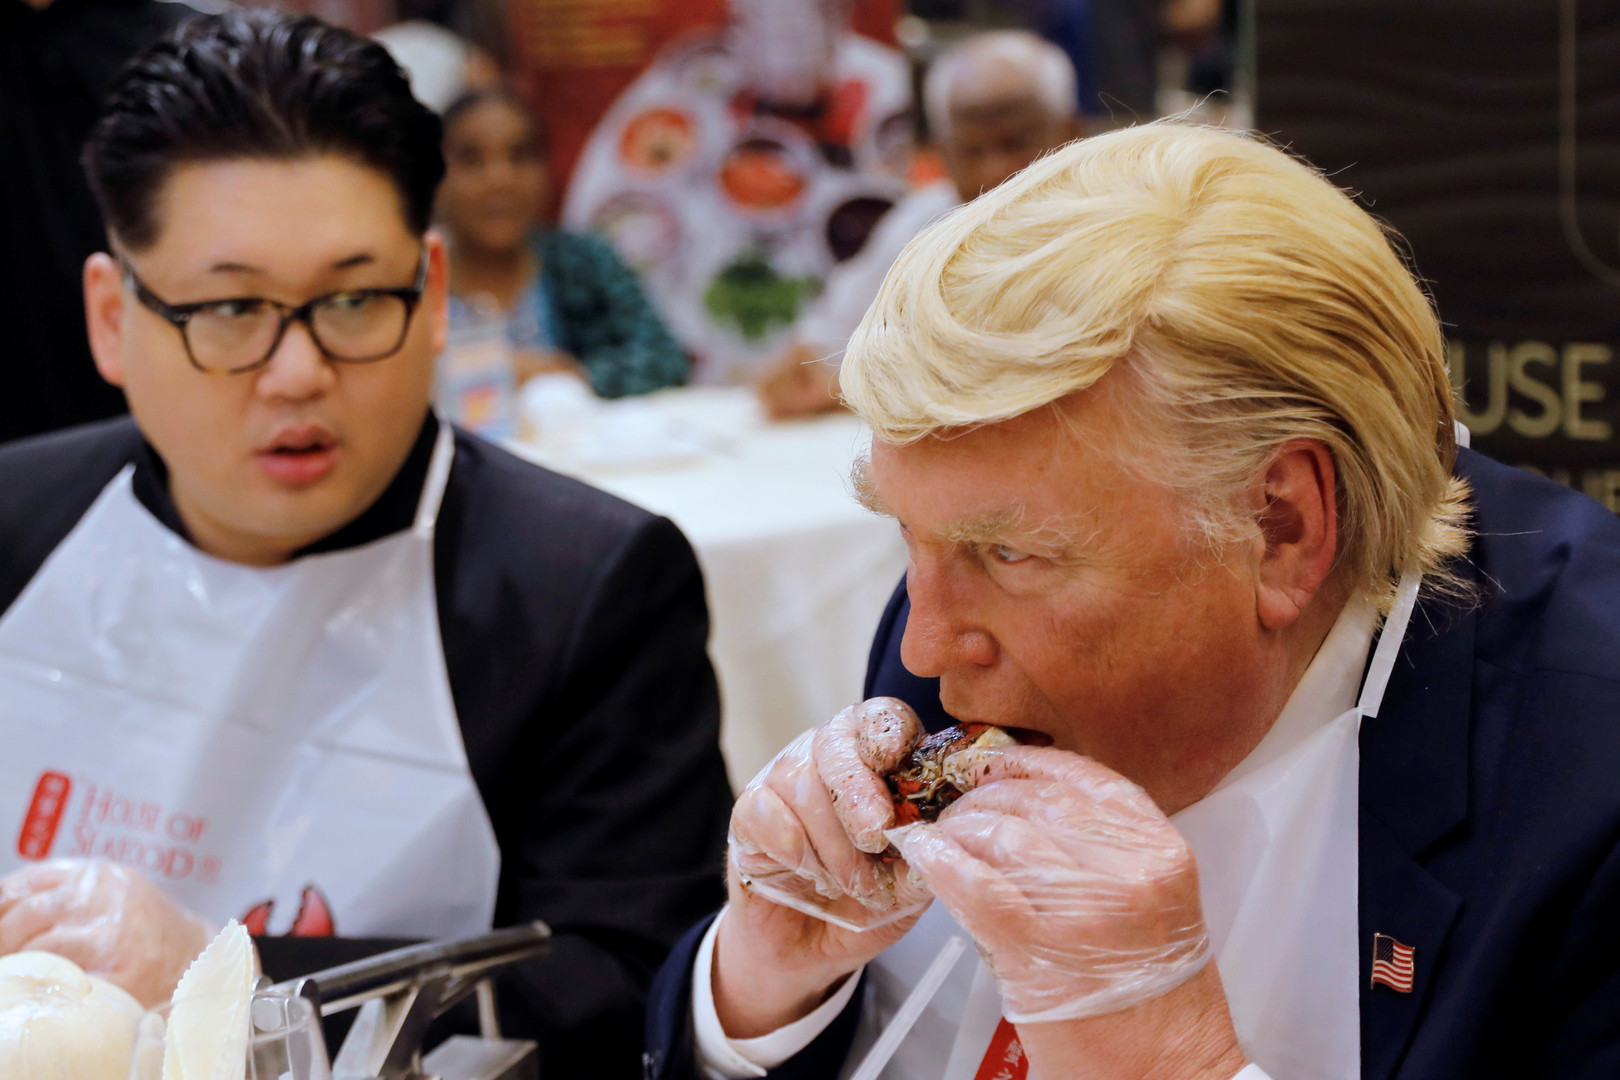 Le vrai faux sommet entre Donald Trump et Kim Jong-un à Singapour (PHOTOS)